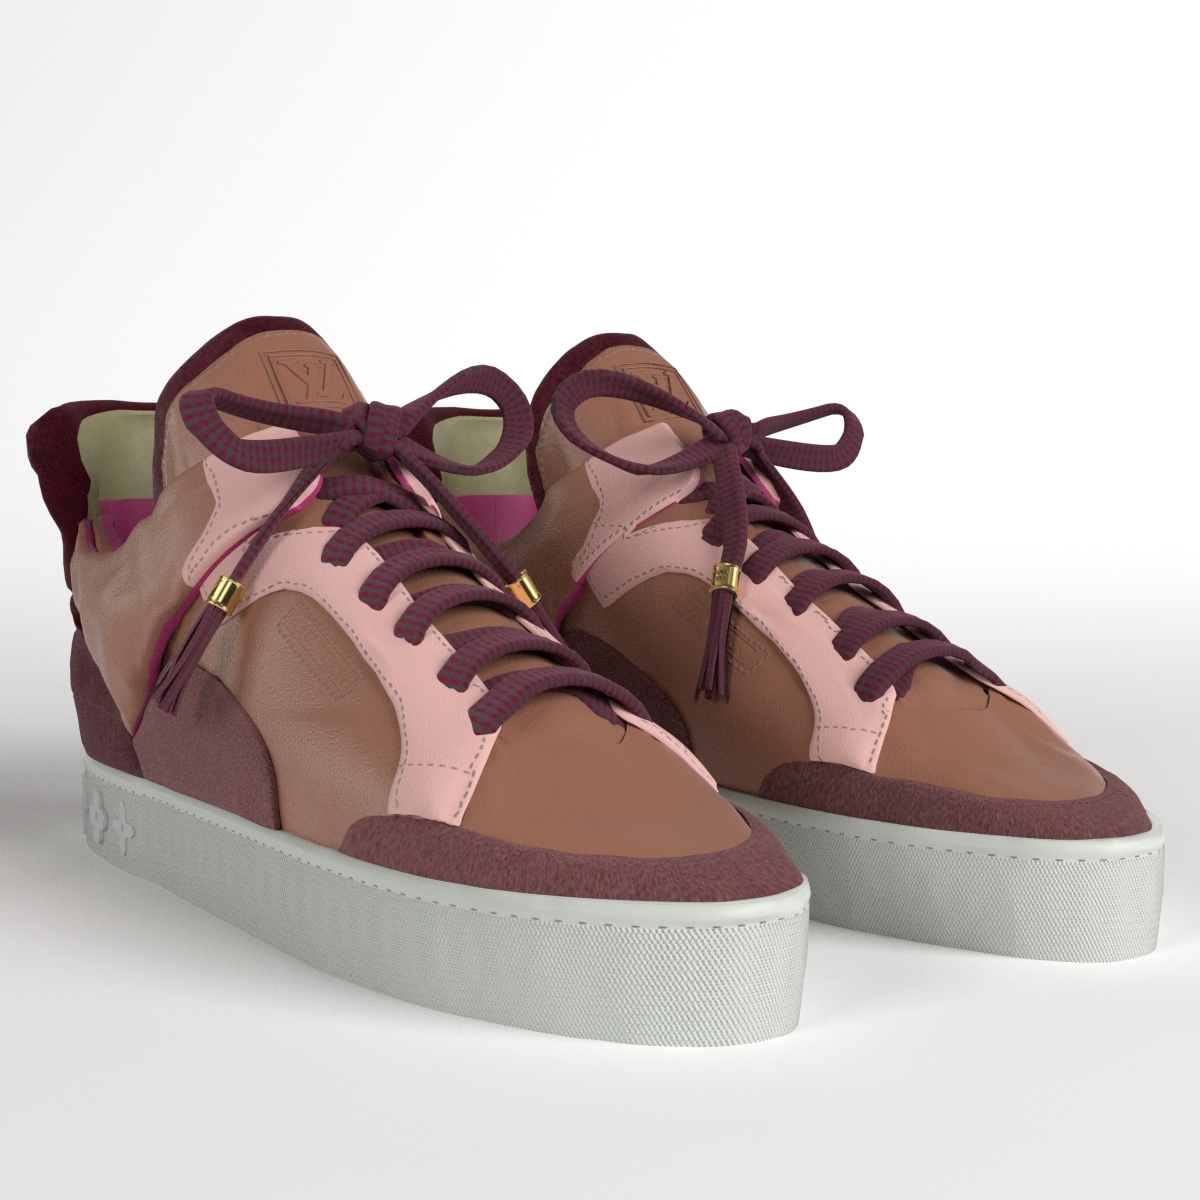 0_1507789502053_dons-1-pairs---0001.jpg